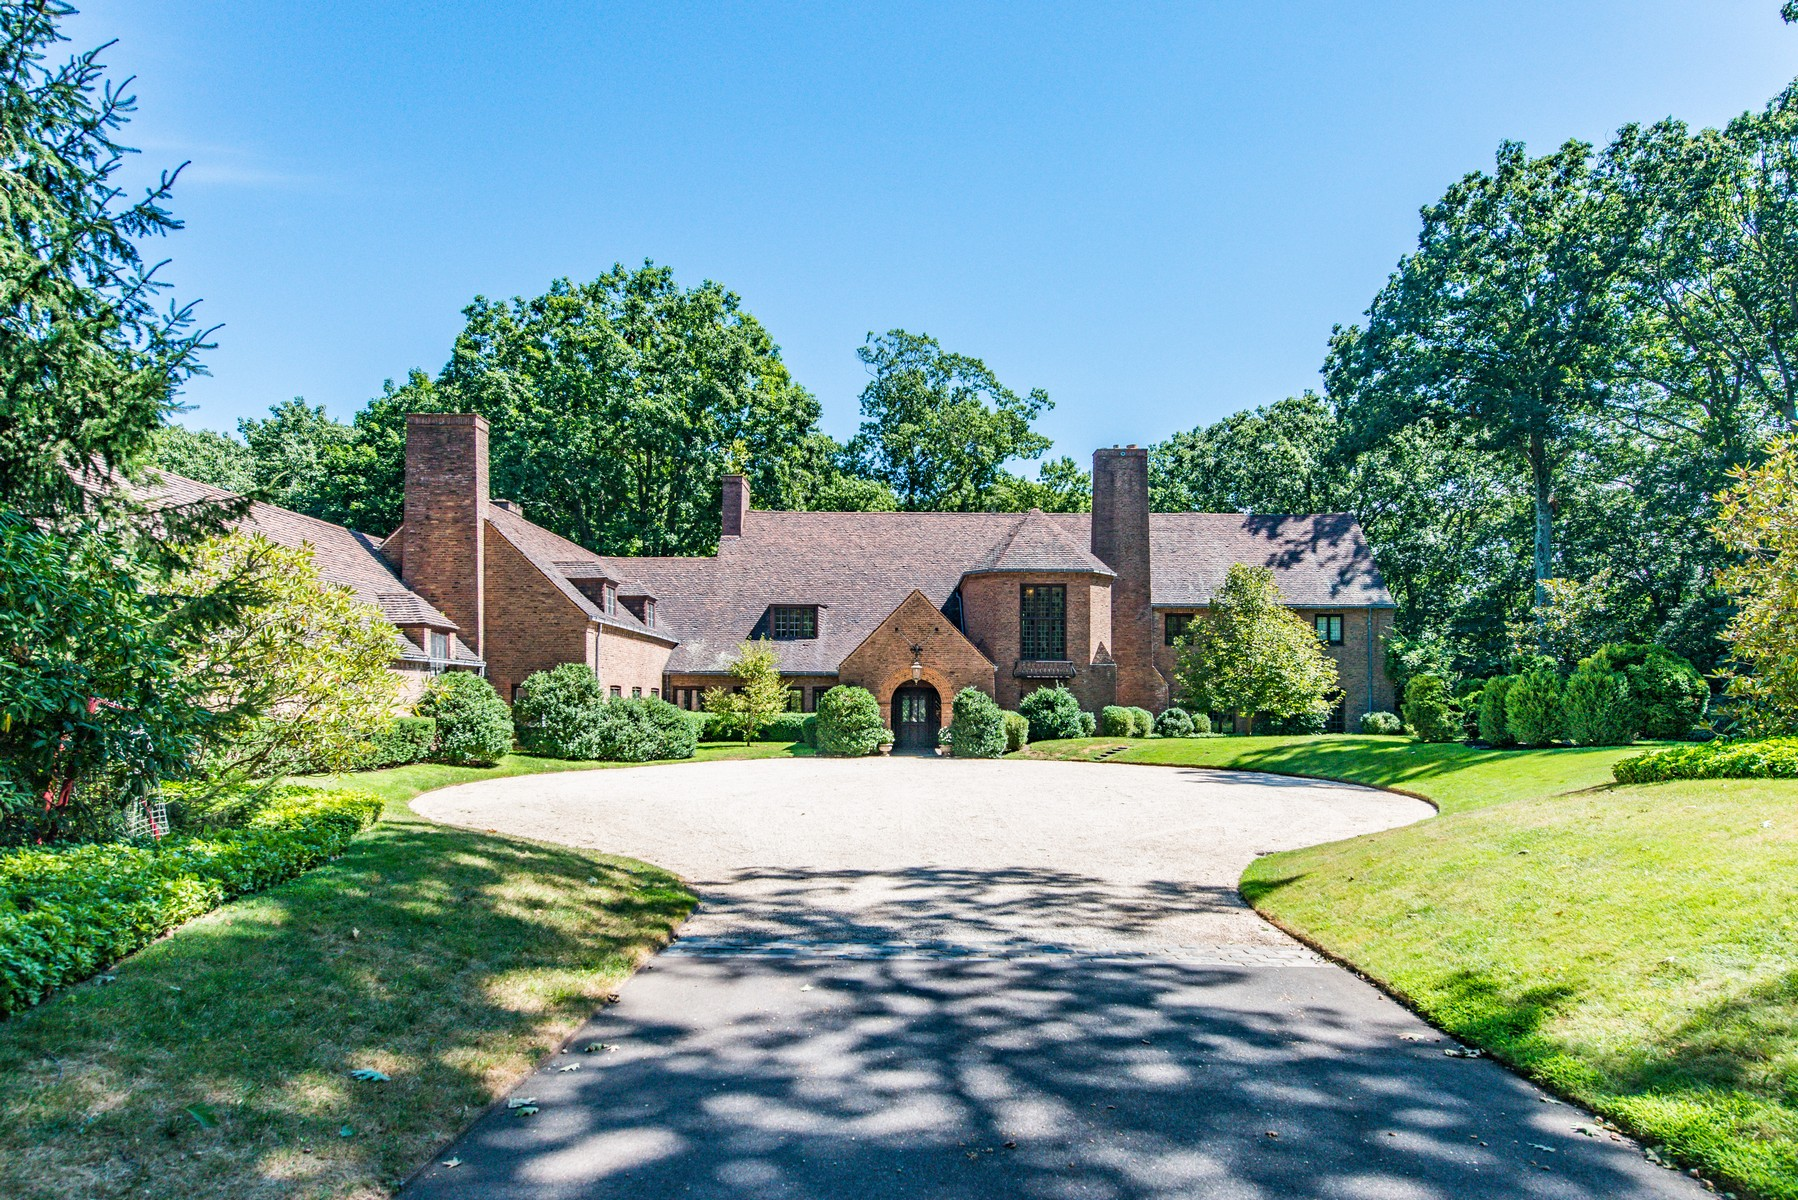 Villa per Vendita alle ore Antique/Hist 121 Shu Swamp Rd Locust Valley, New York, 11560 Stati Uniti